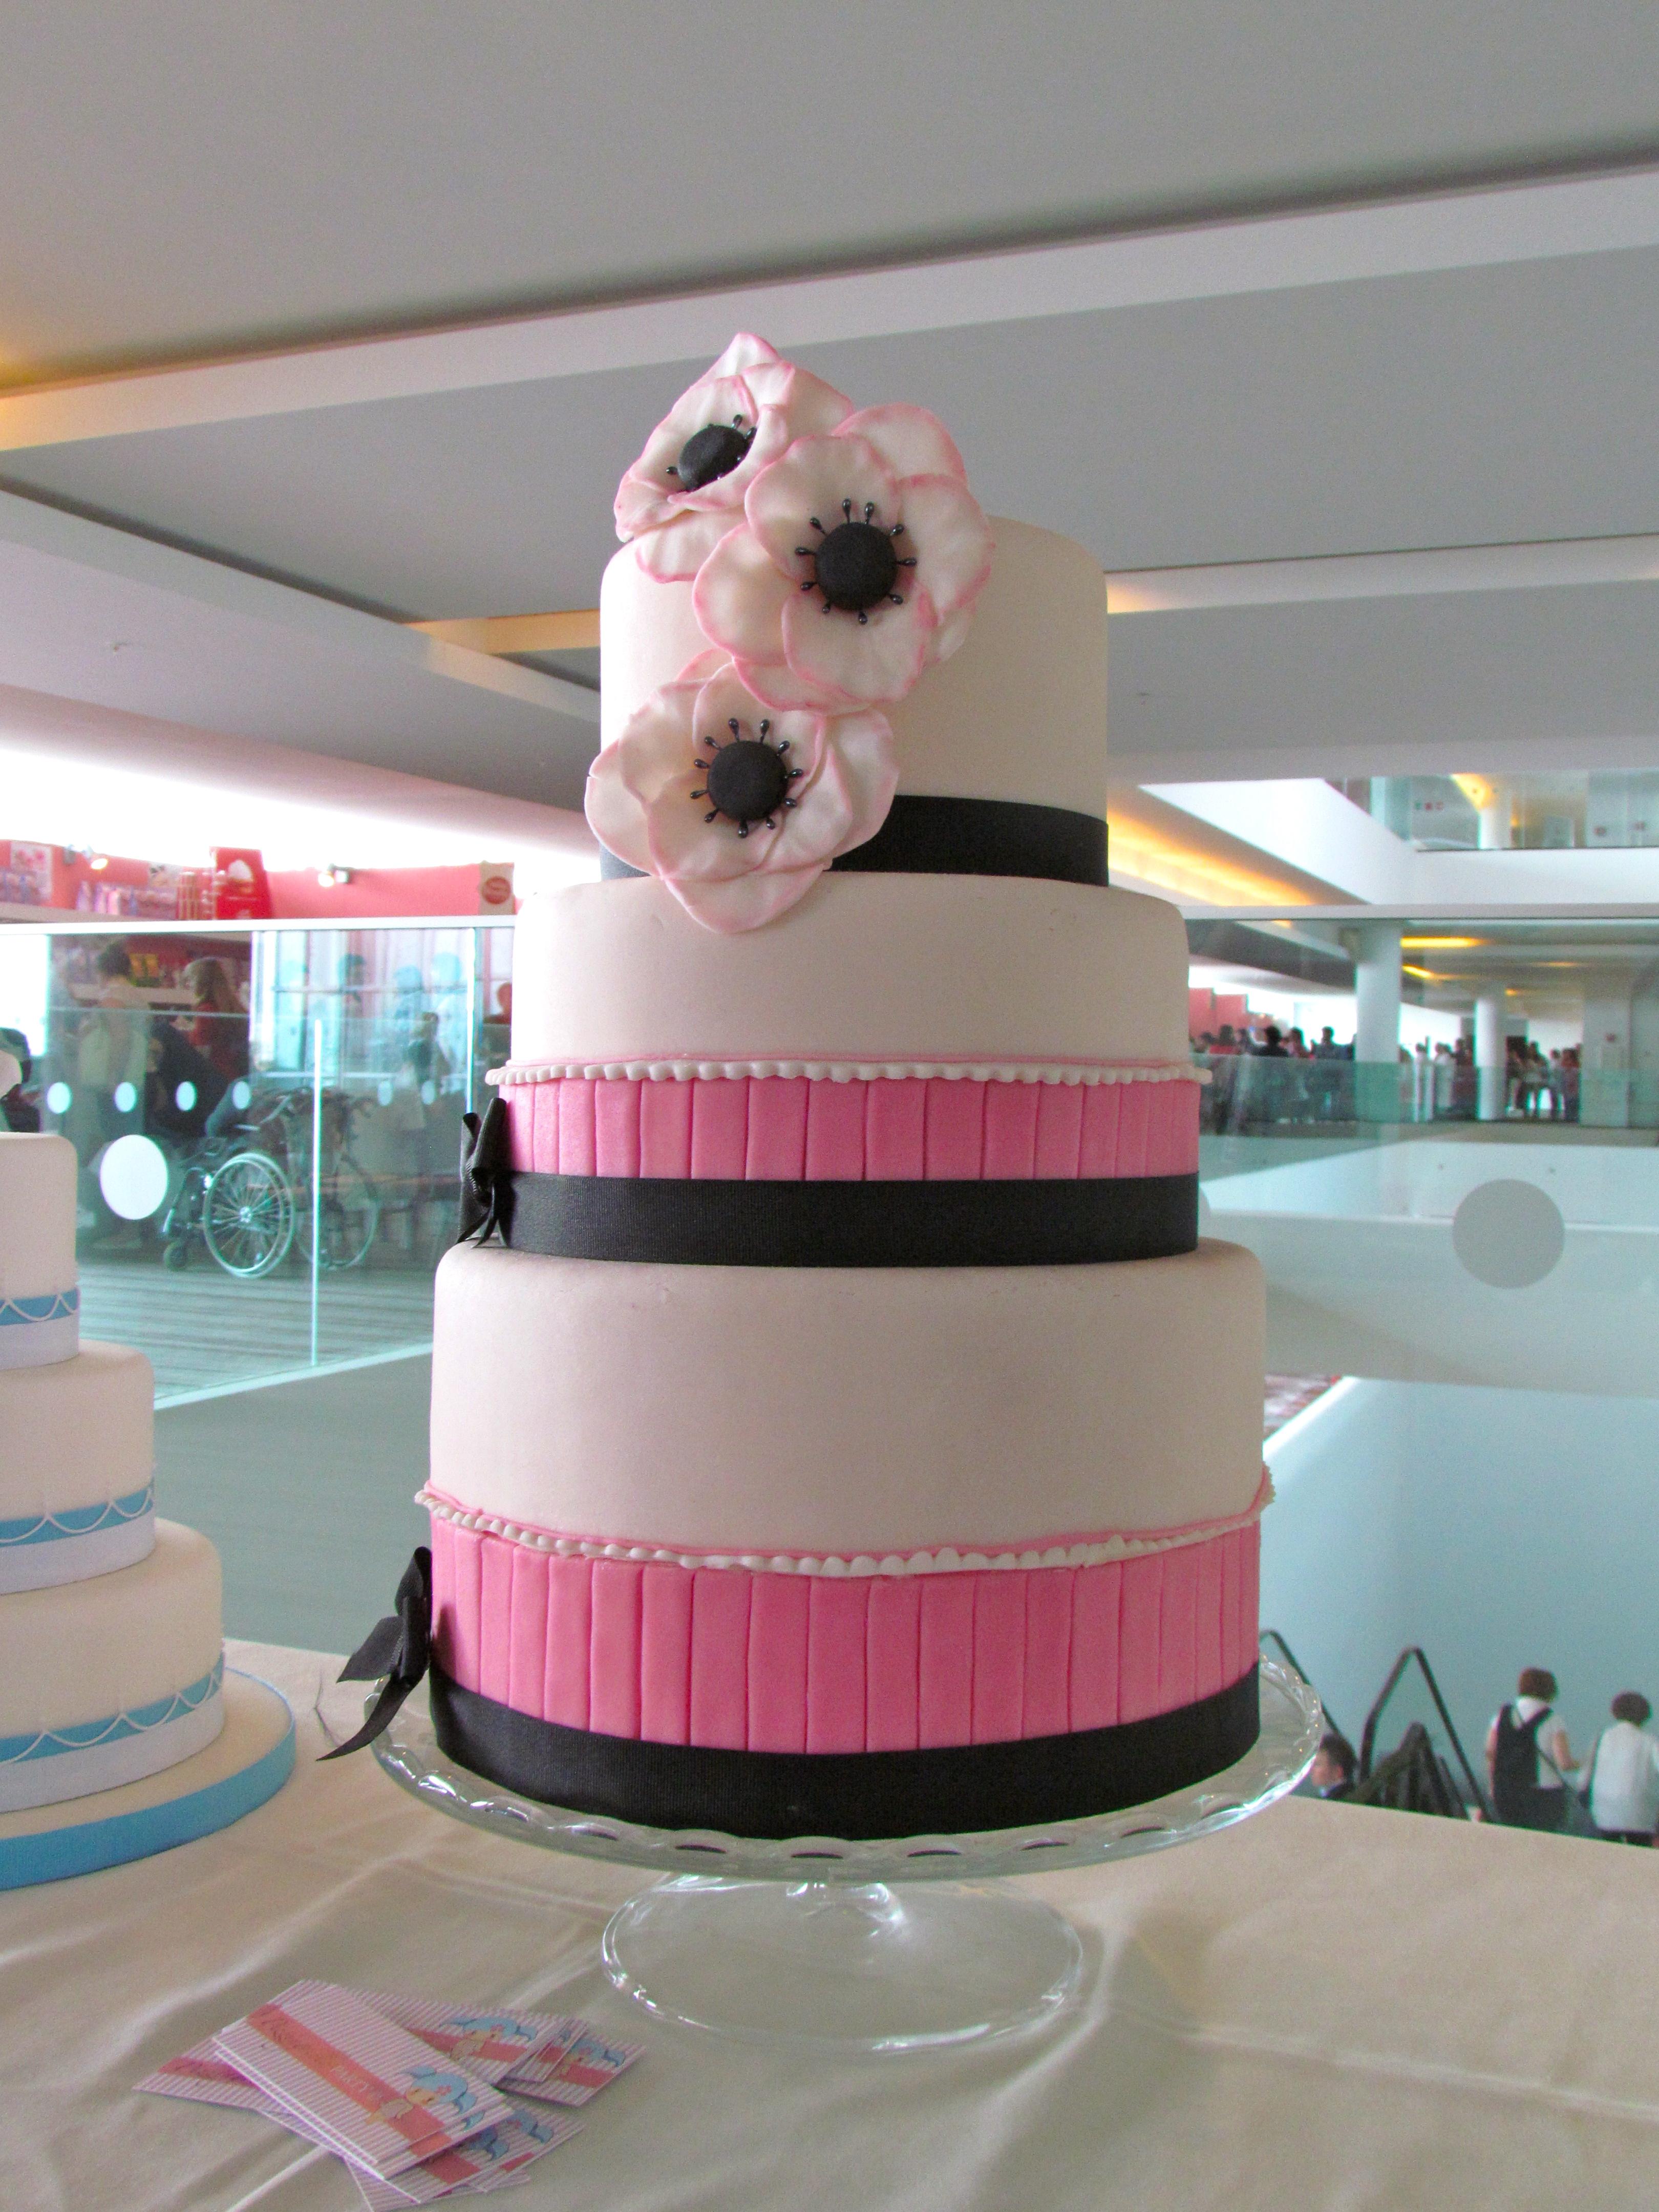 Accessori Cake Design Milano : Torta Con Palla Cake Ideas and Designs